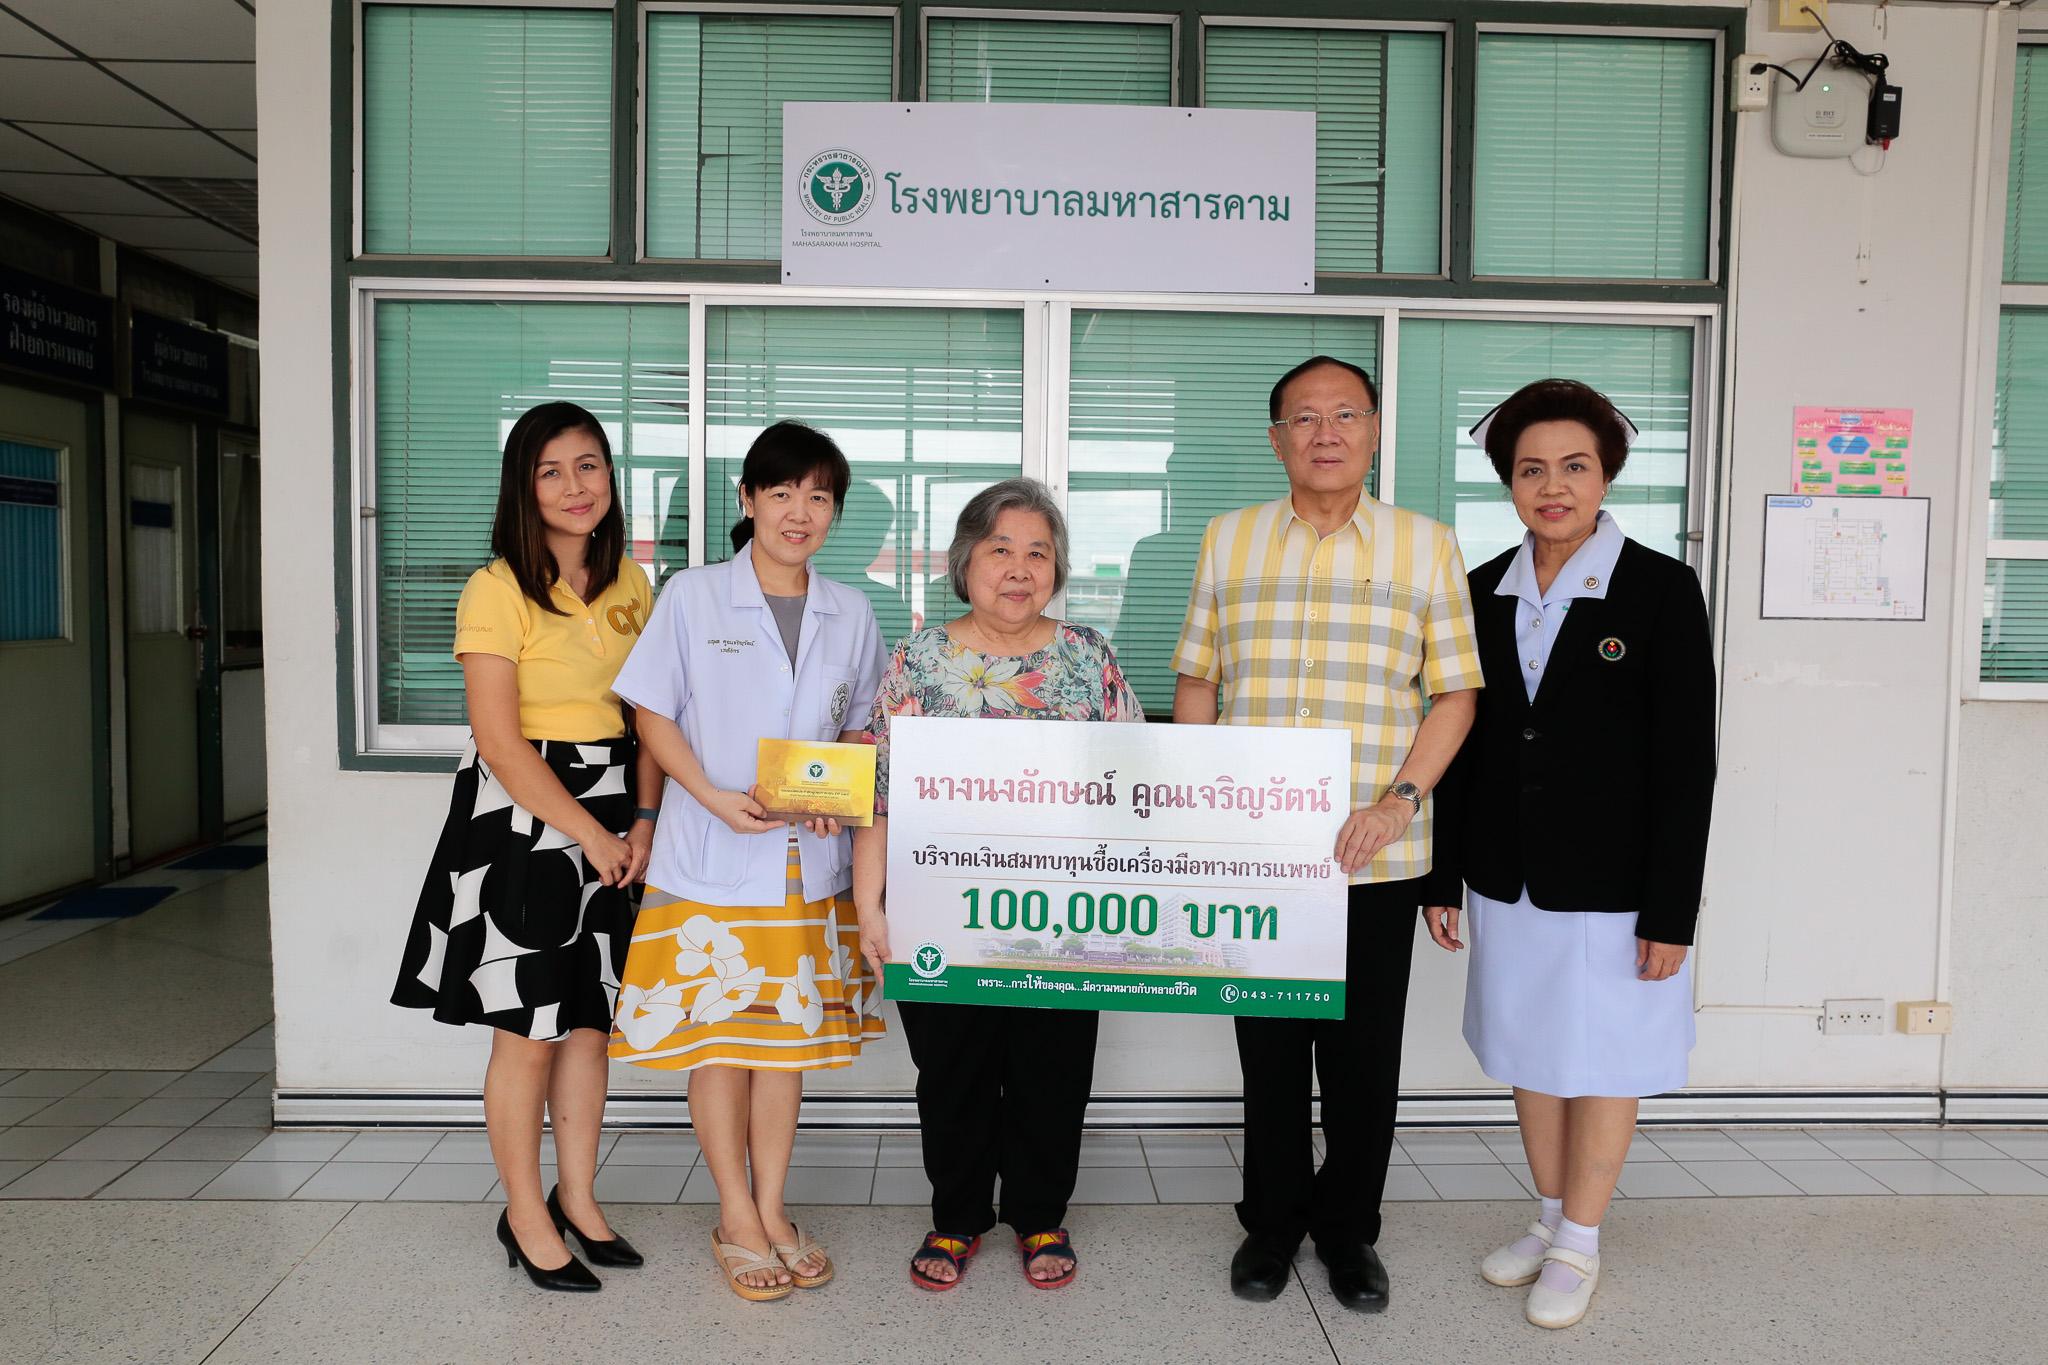 นางนงลักษณ์ คูณเจริญรัตน์ บริจาคเงิน 100,000 บาท สมทบทุนซื้อเครื่องมือทางการแพทย์ แก่โรงพยาบาลมหาสารคาม